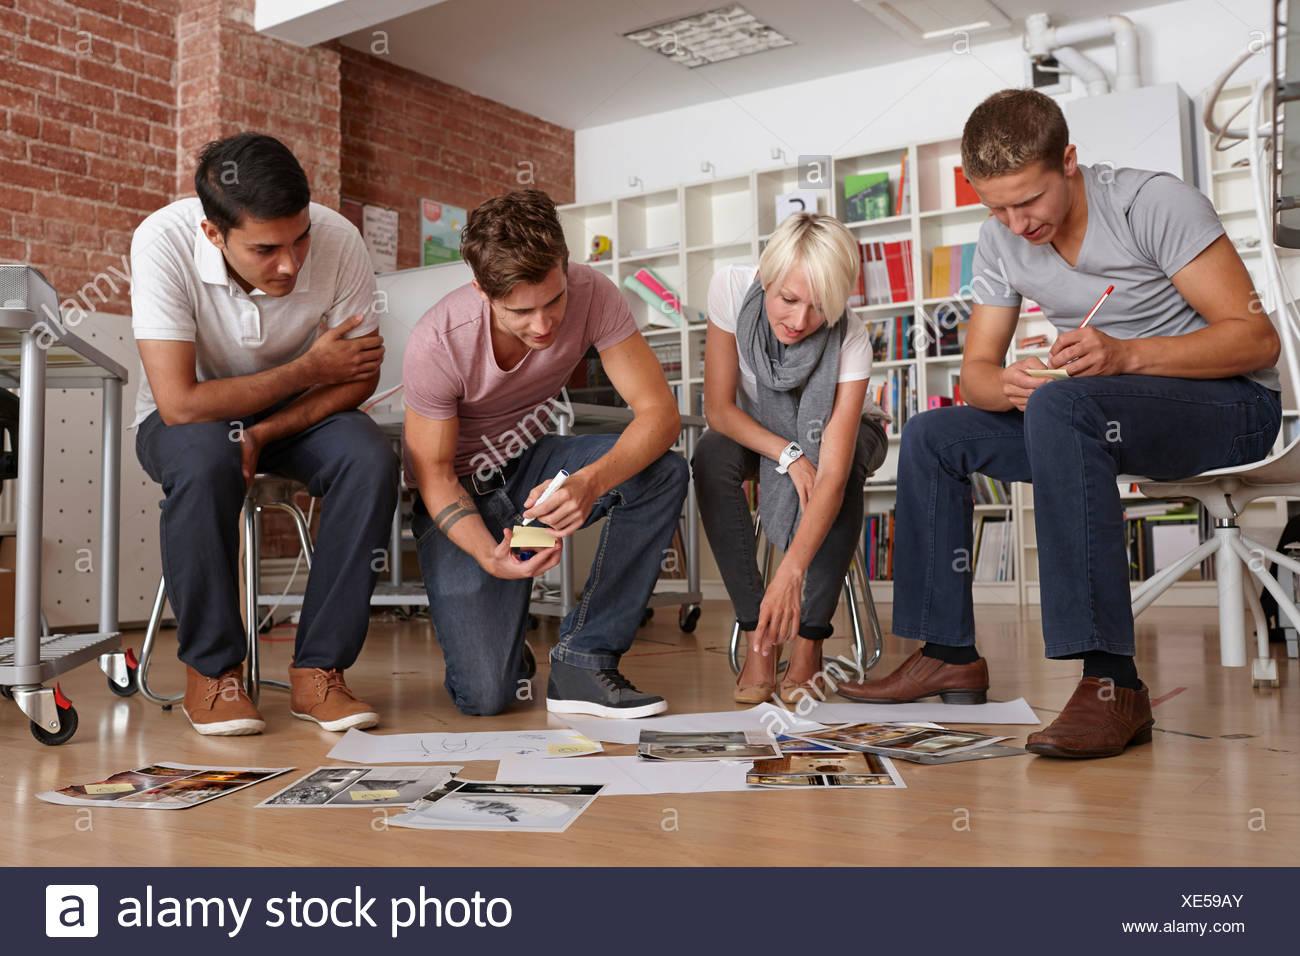 Sus colegas en la reunión mirando papeles en el suelo Imagen De Stock